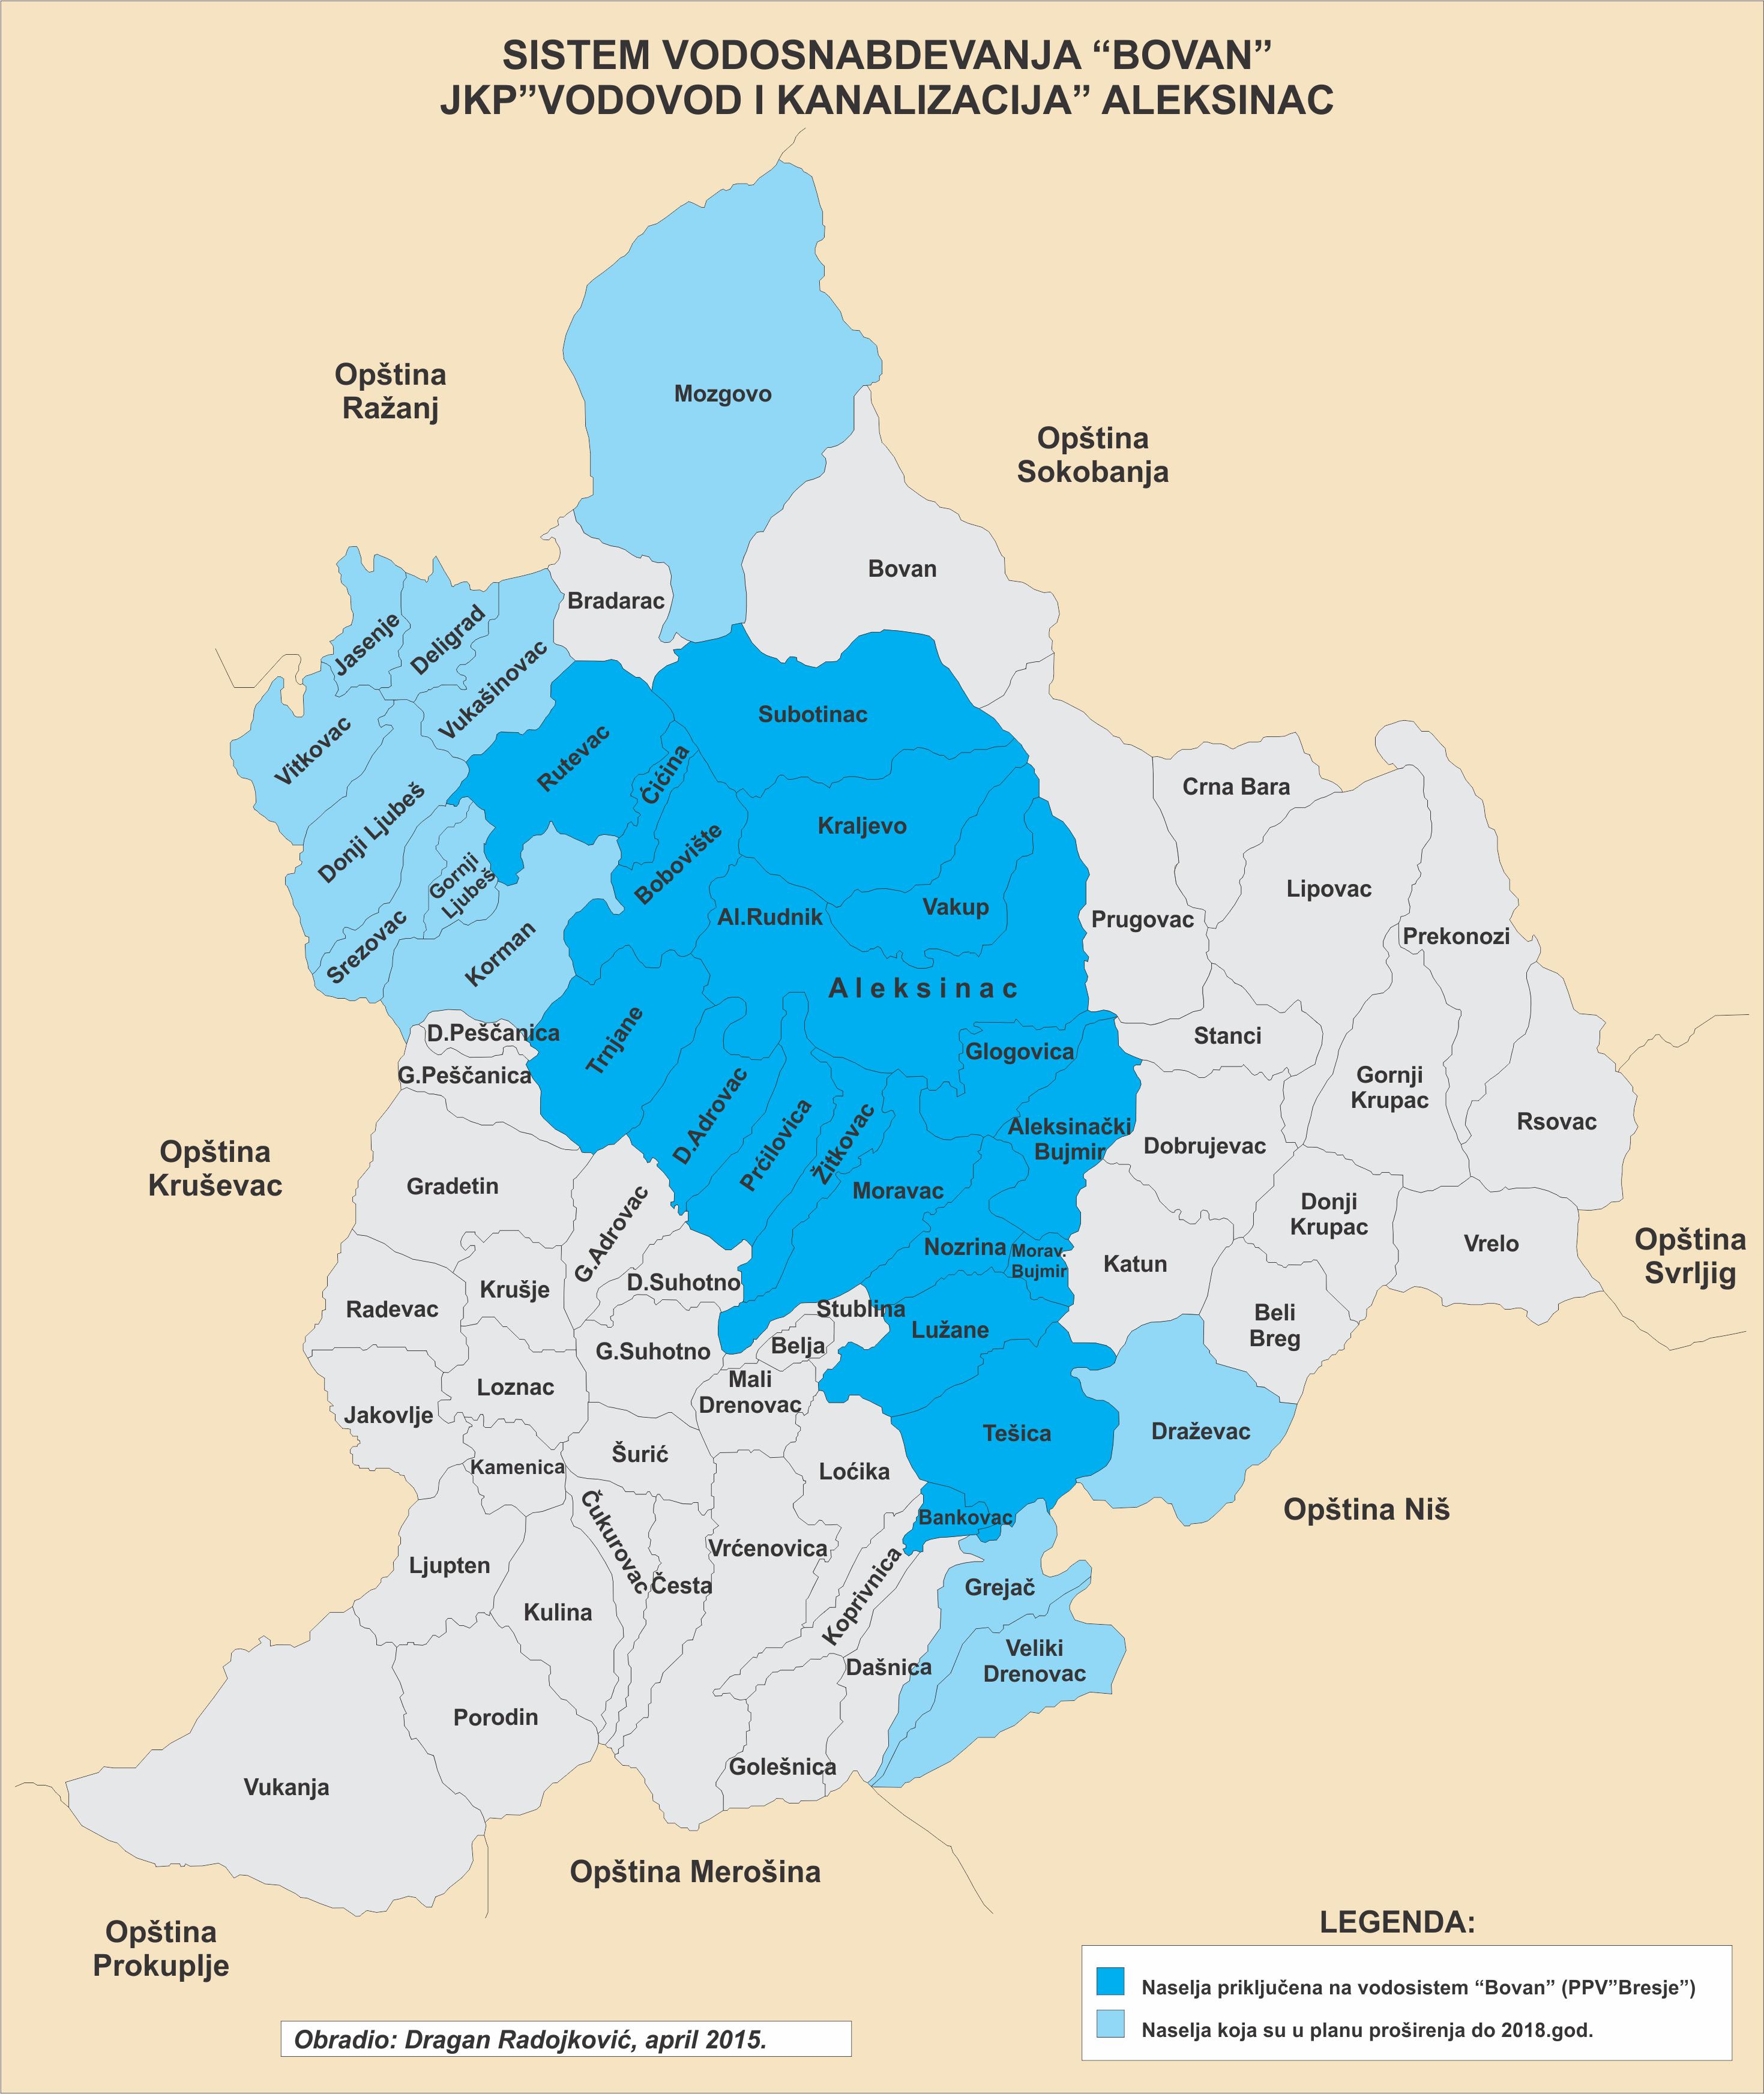 Mapa opstine vodosistem Bovan sa Tesicom april 2015